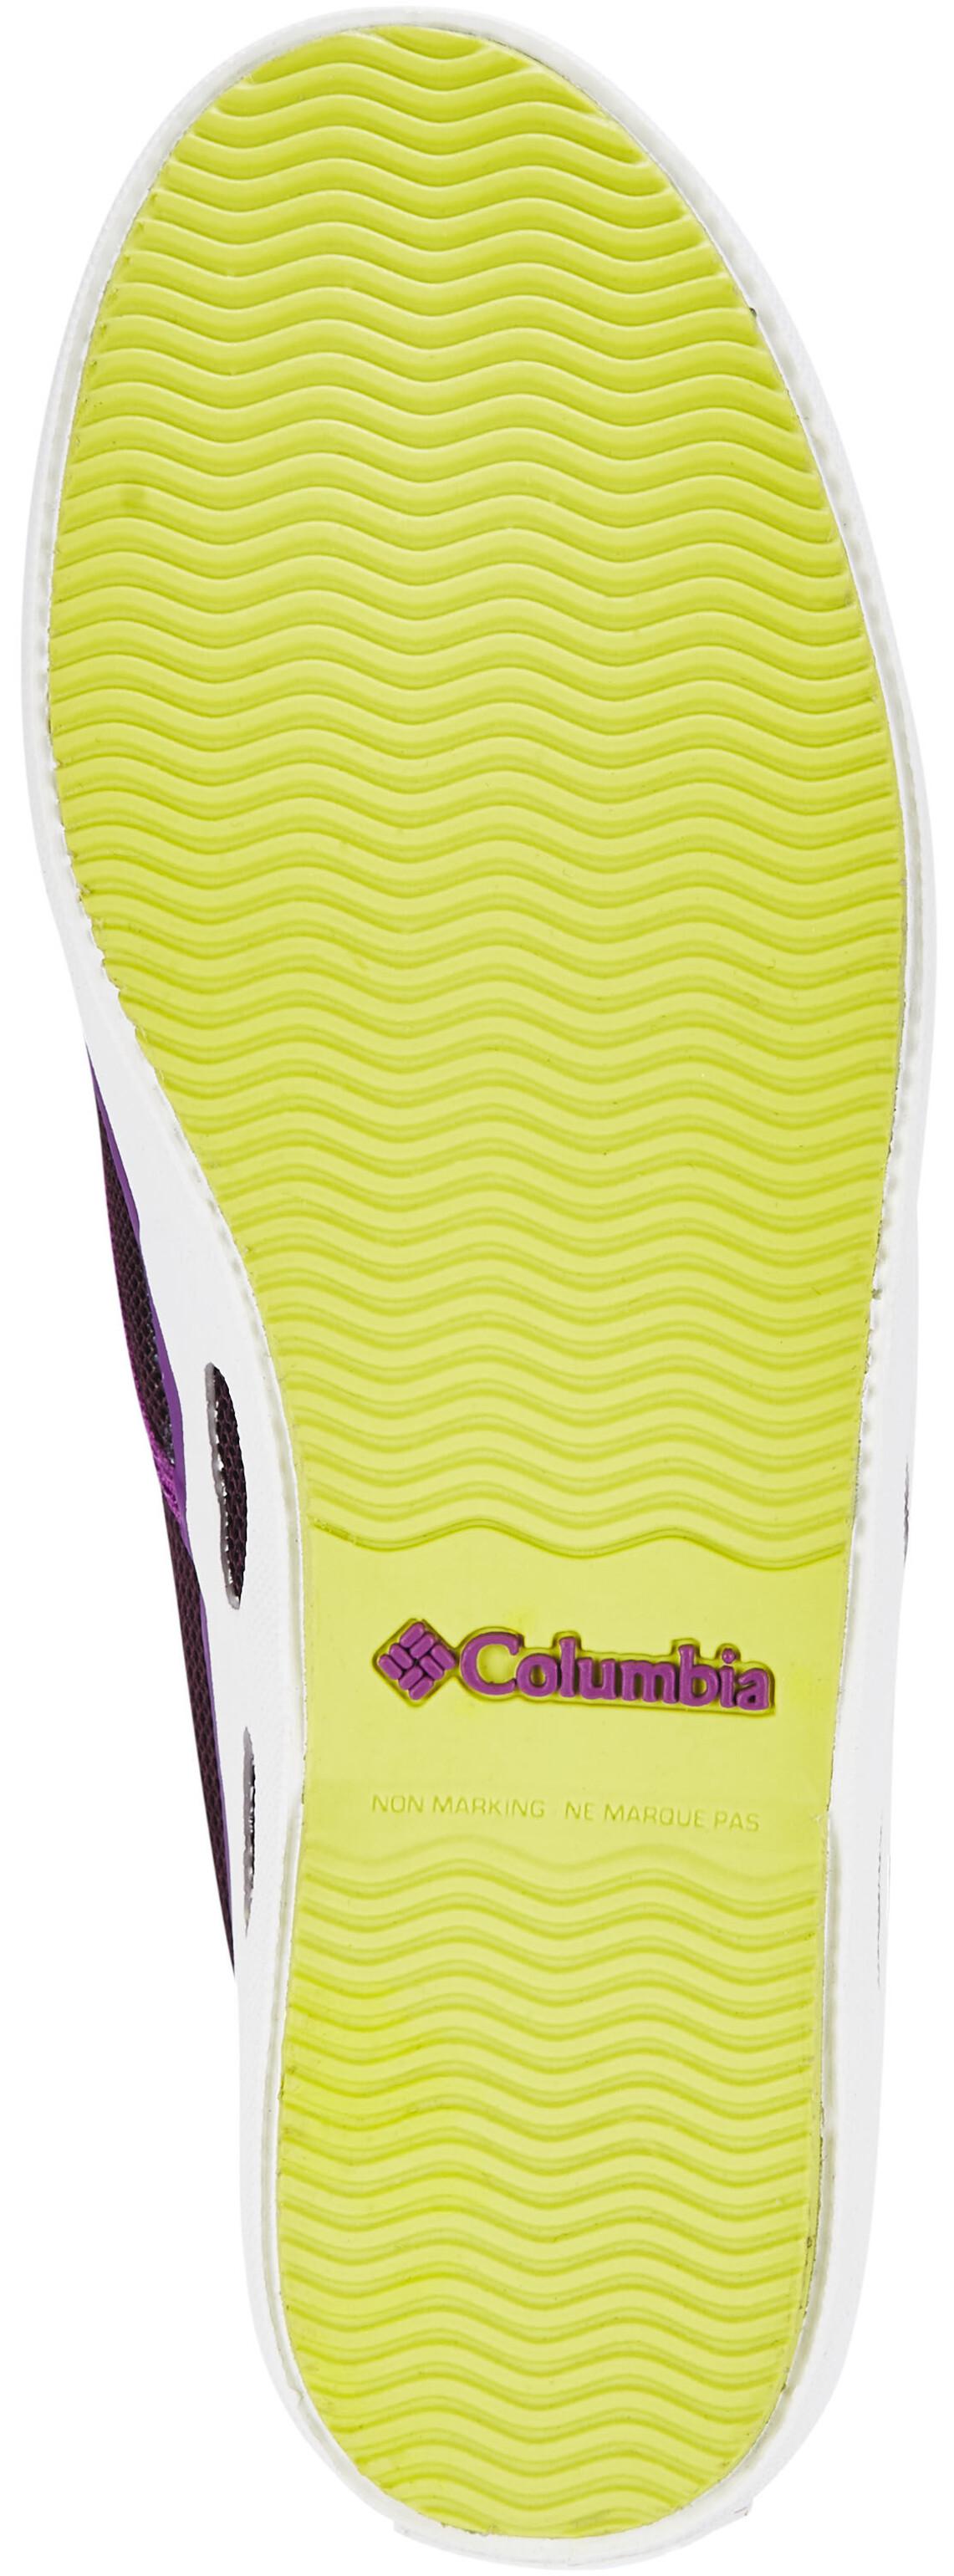 6318f75752dd4d Columbia Vulc N Vent Lace Mesh - Chaussures Femme - violet sur CAMPZ !